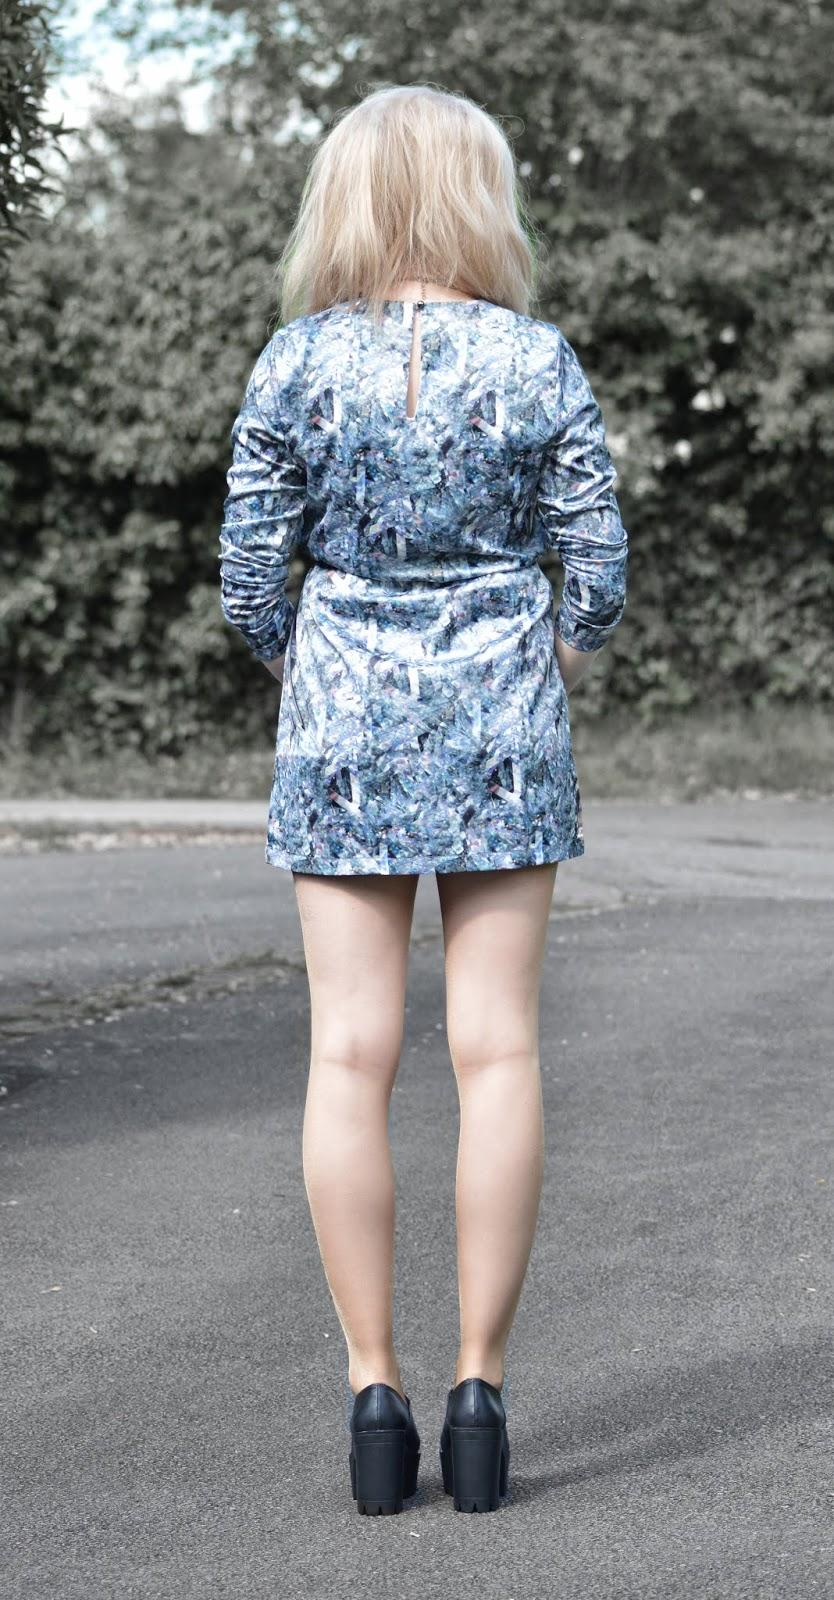 Sammi Jackson - Crystal Dress